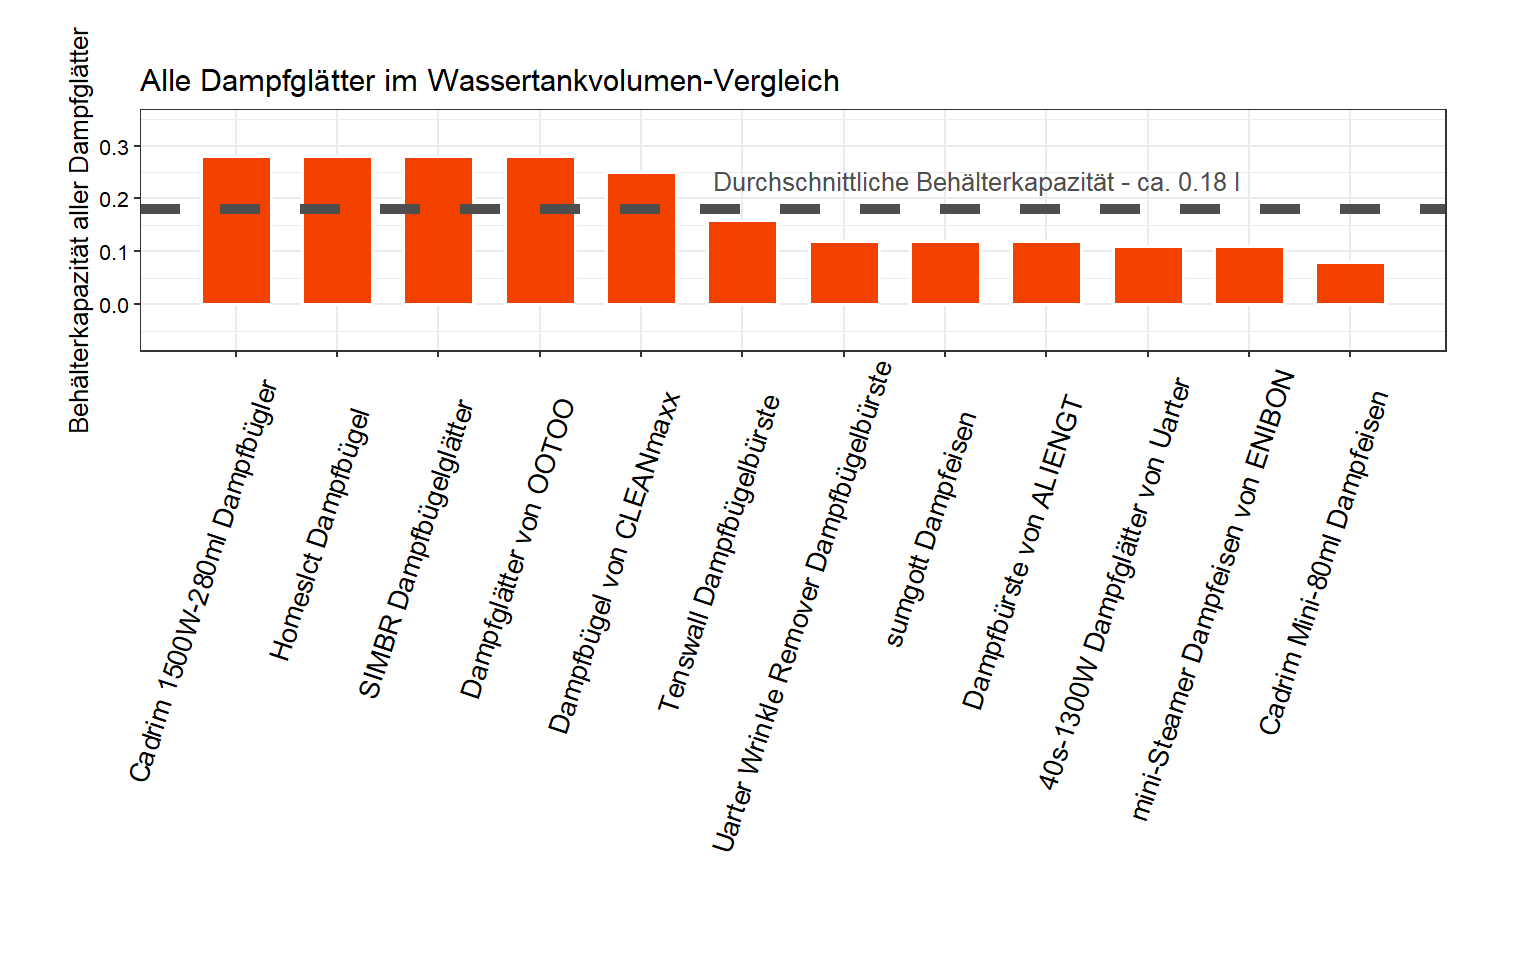 ausführlicher Wassertankkapazität-Vergleich Dampfbügler Material